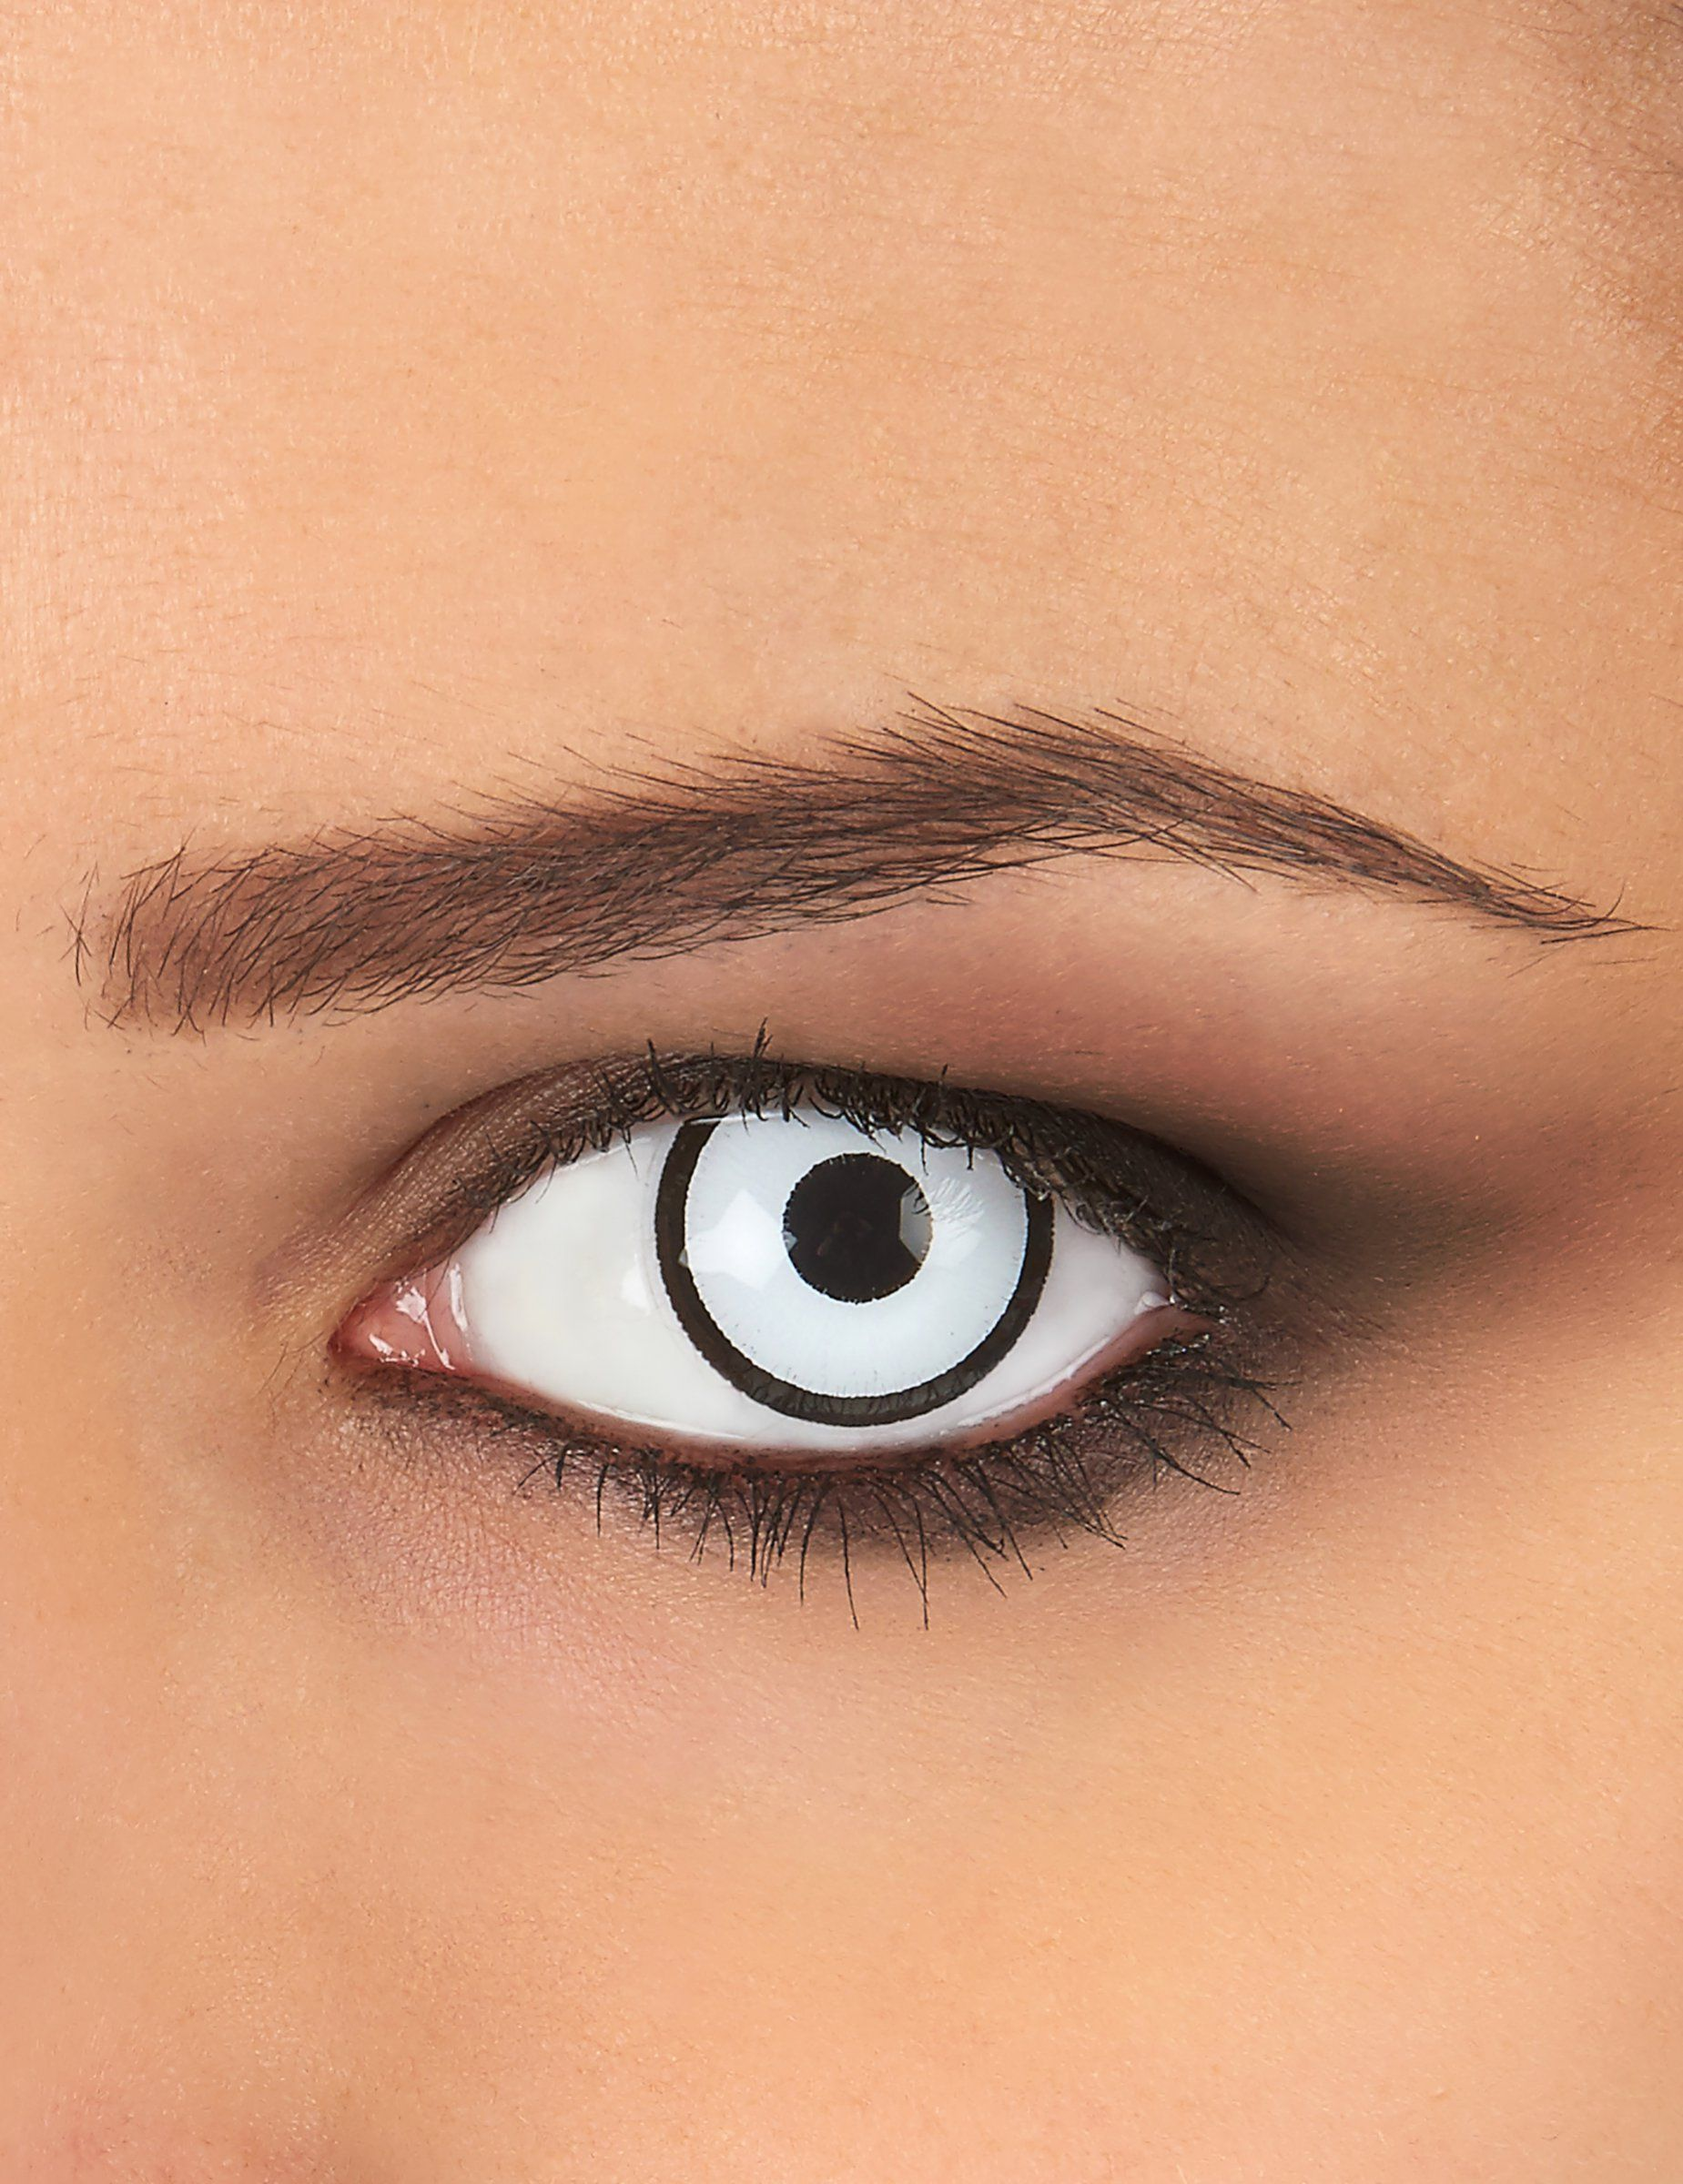 0564da0067429 Estas lentes de contacto de fantasía de color blanco y negro son perfectas  para completar tu disfraz de Haloween